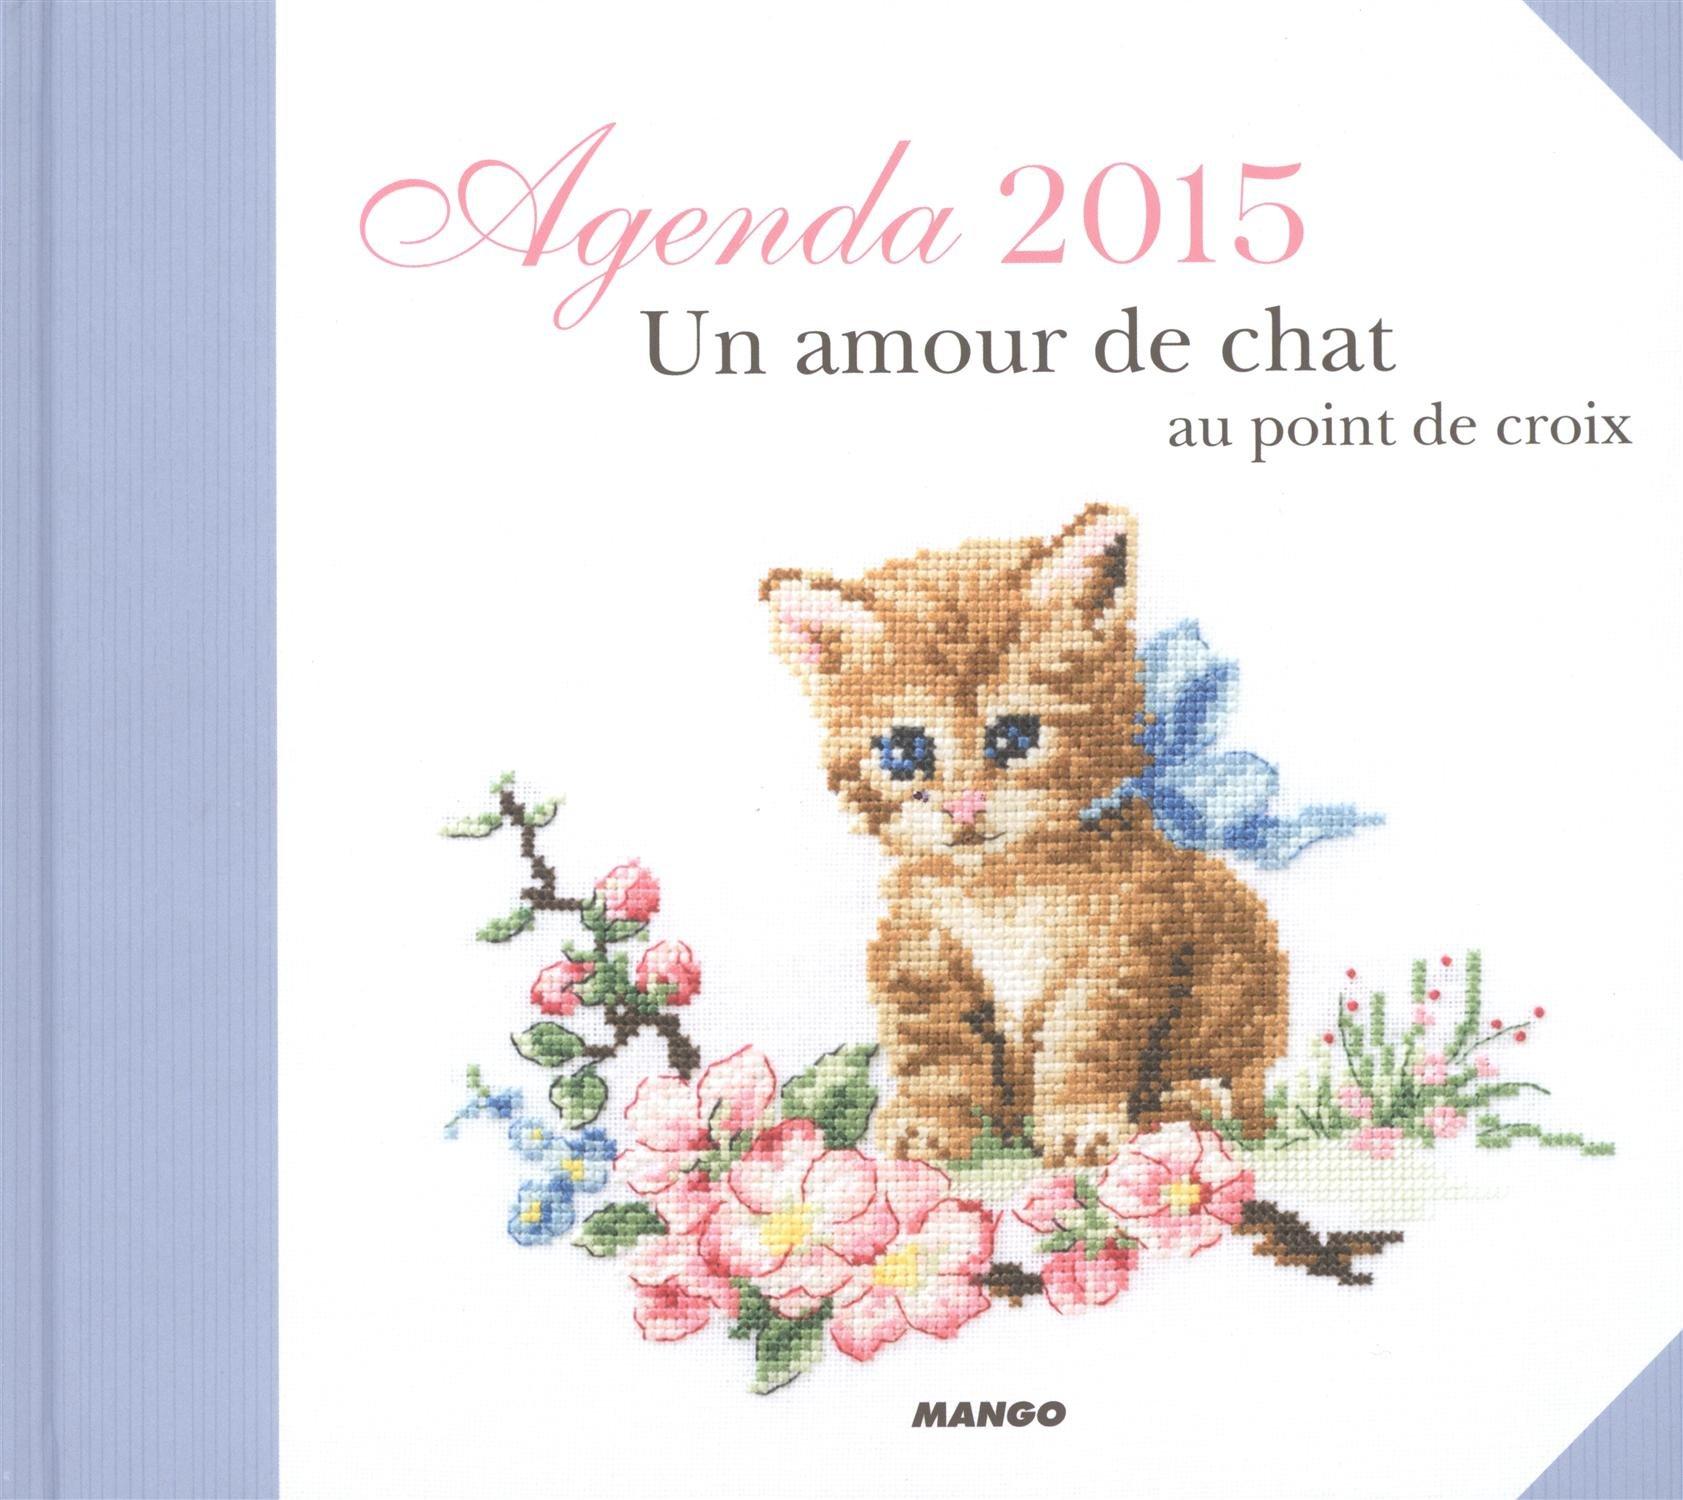 Agenda un amour de chat au point de croix